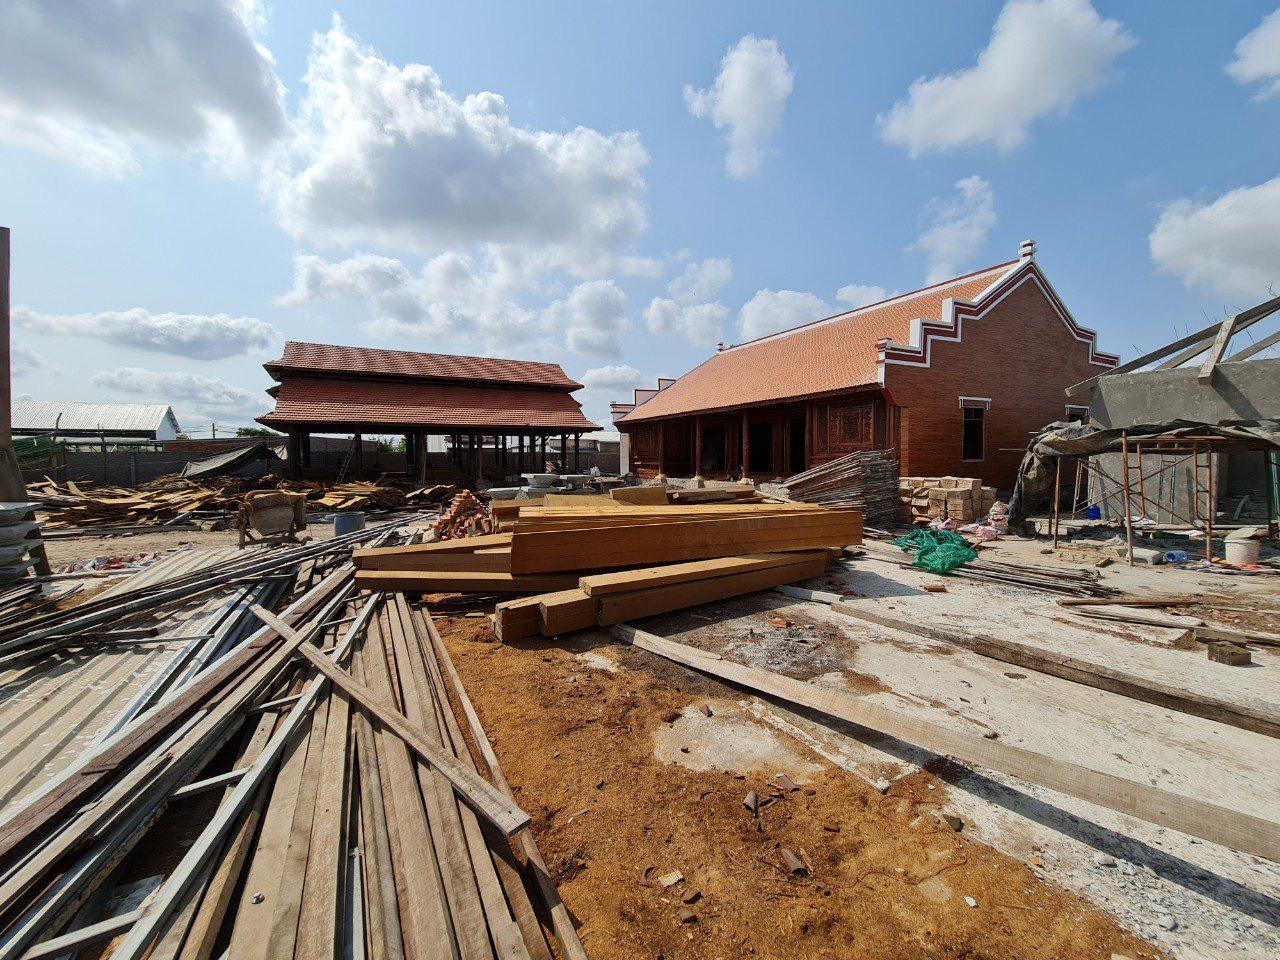 Sóc Trăng: Xử phạt đại gia xứ biển xây dựng nhà không phép - Ảnh 1.